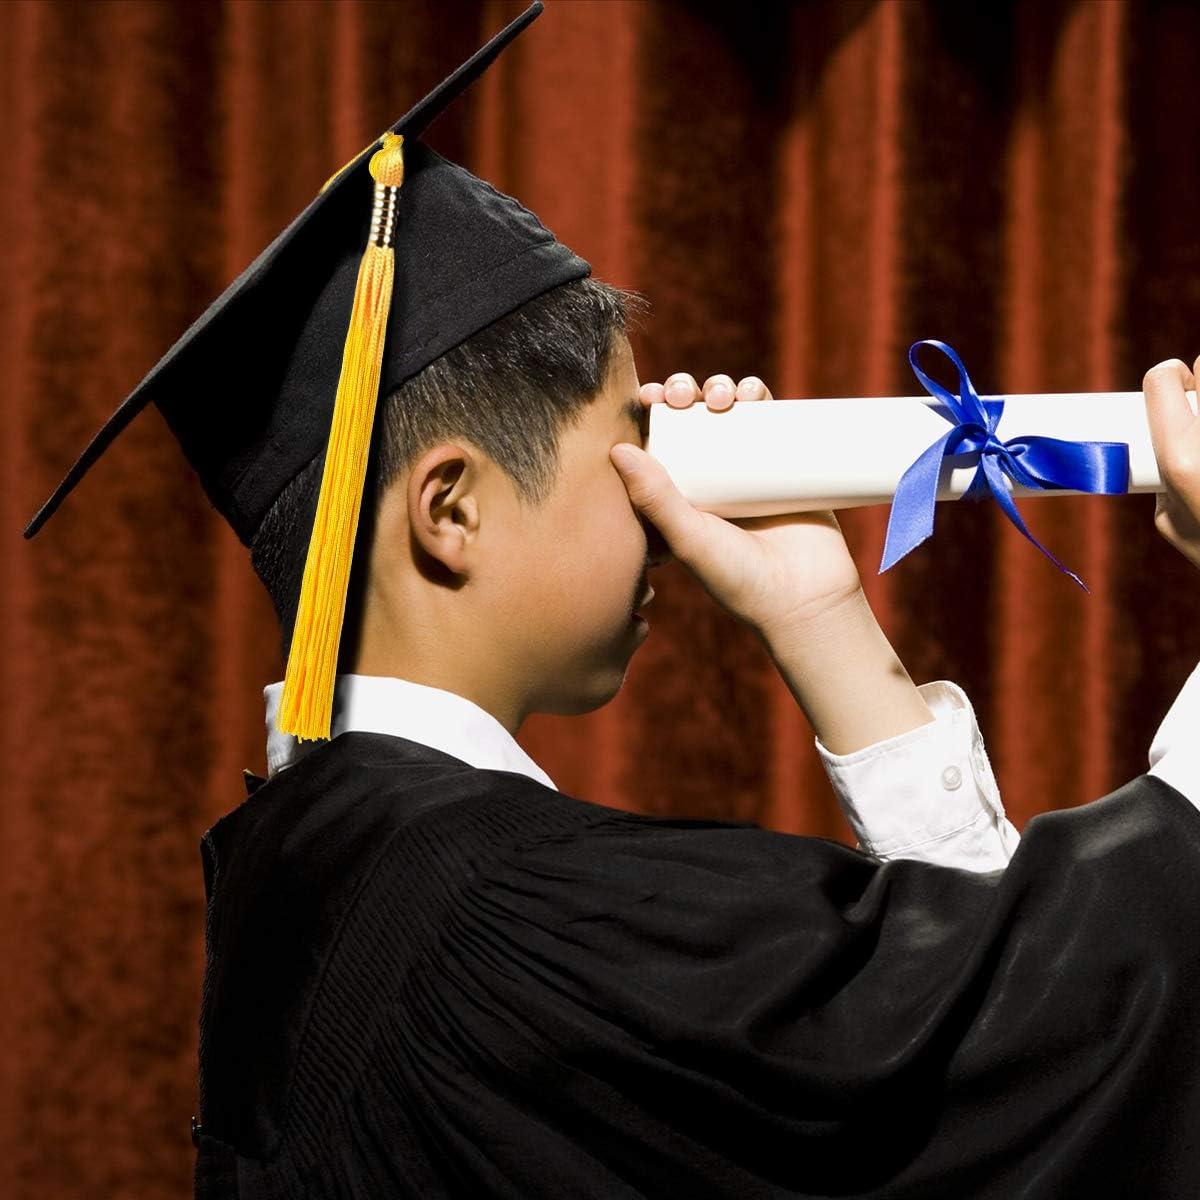 TENDYCOCO Chapeau Diplom/é Universitaire Toque /Étudiant Remise De Diplome R/églable avec Pompon Jaune